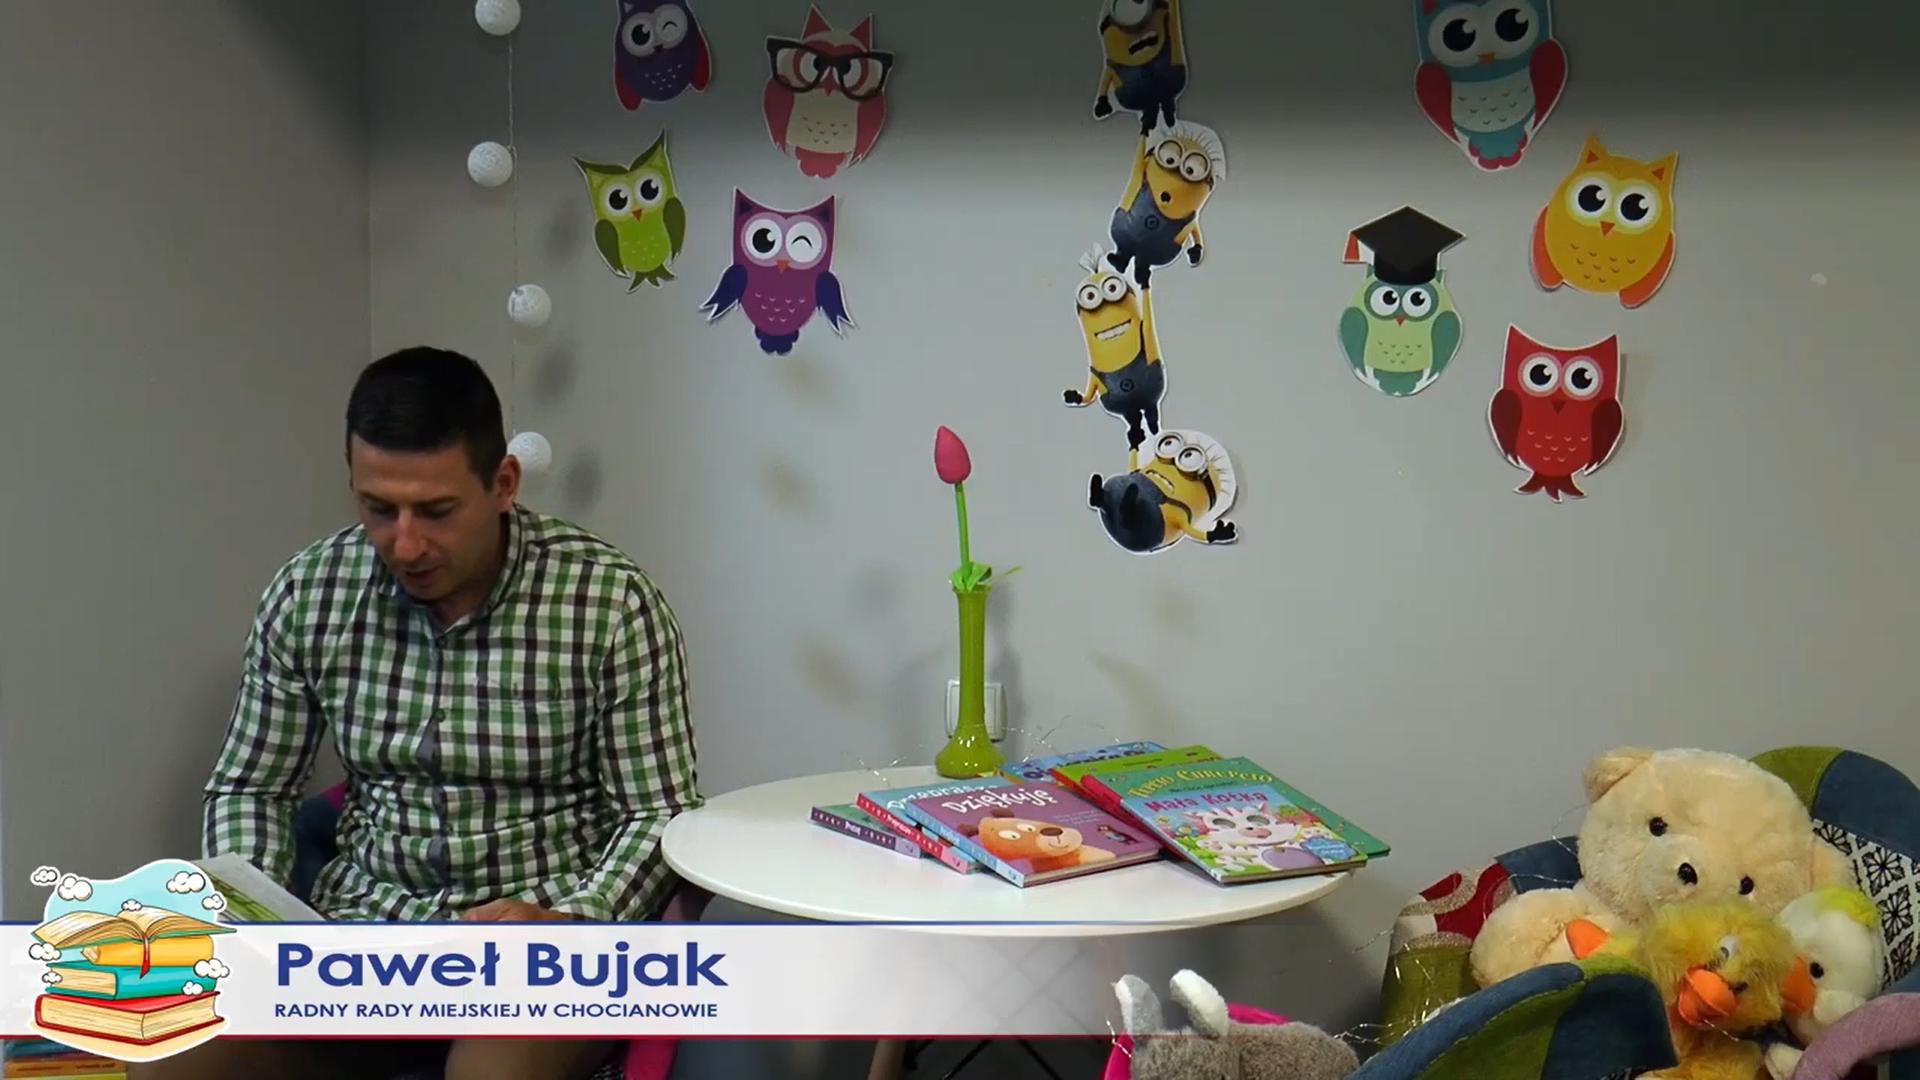 W chocianowskich domach przeczytali ponad tysiąc razy (wideo)